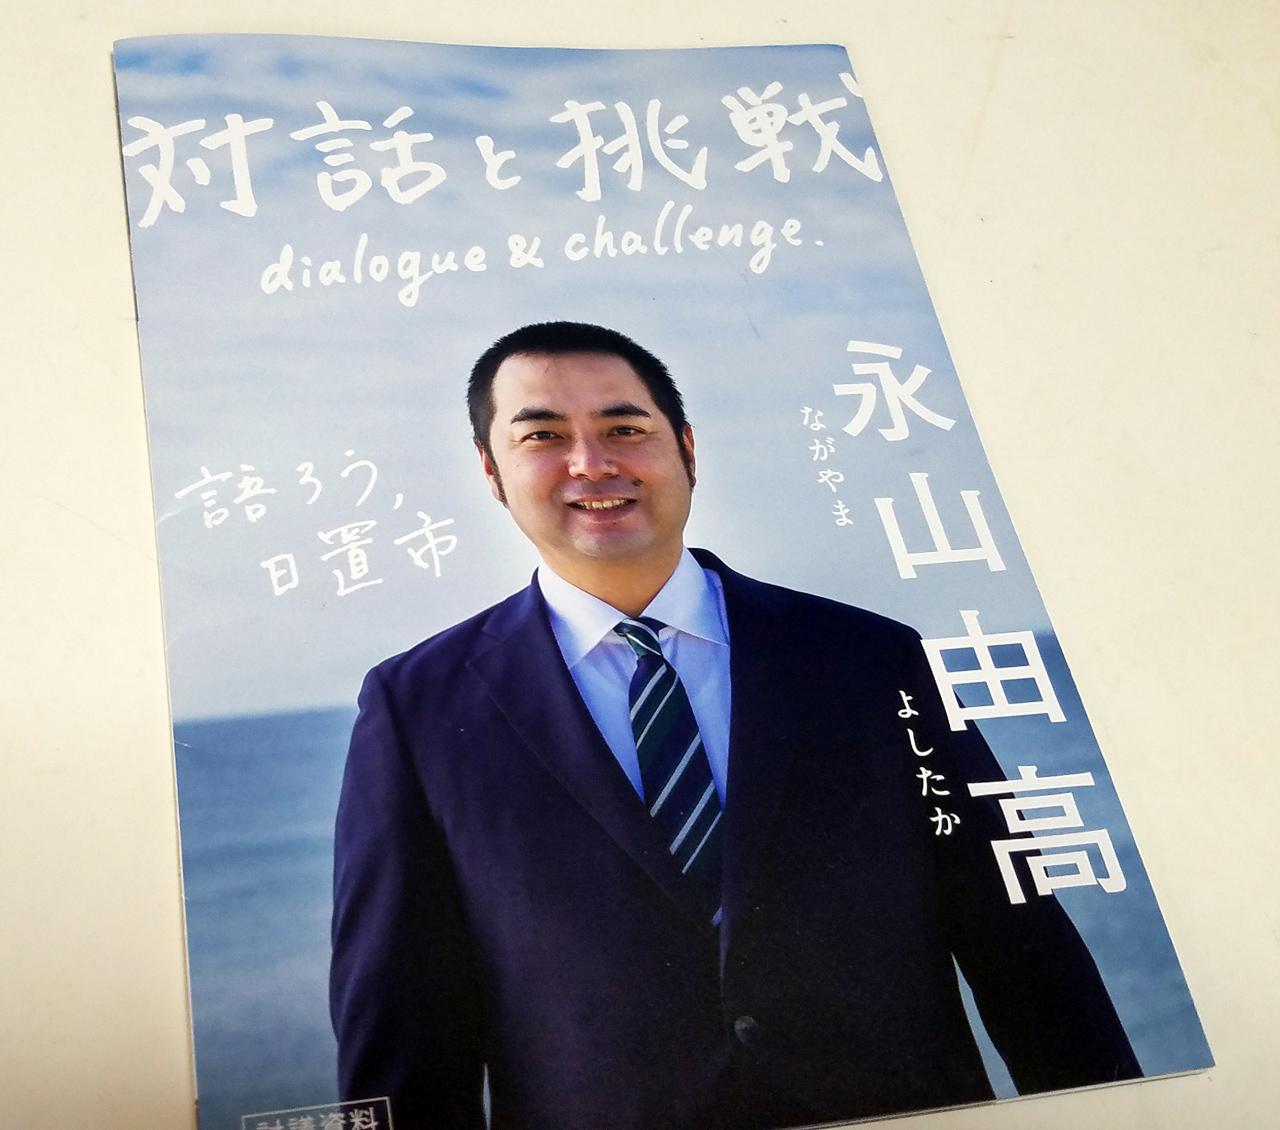 元湯・打込湯さんにもお礼を伝えに行ったのですが、永山由高さんのパンフがありました。